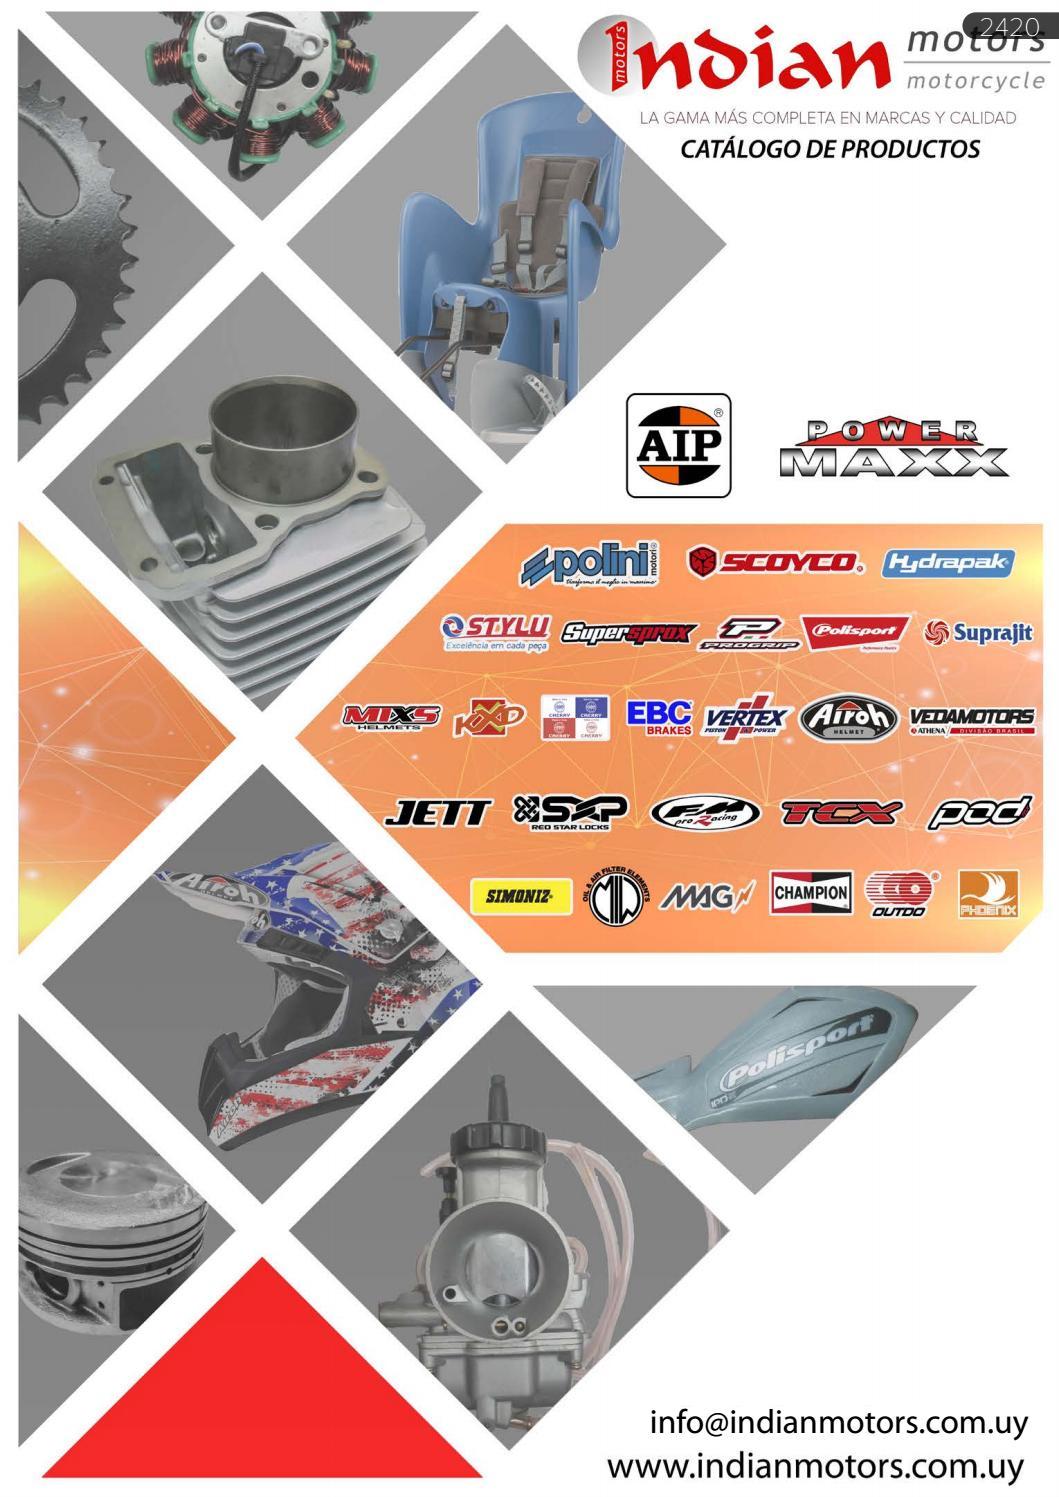 XMT-MOTOR Motocicleta Radiador Adecuado para Yamaha YZF-R1 2004-2006